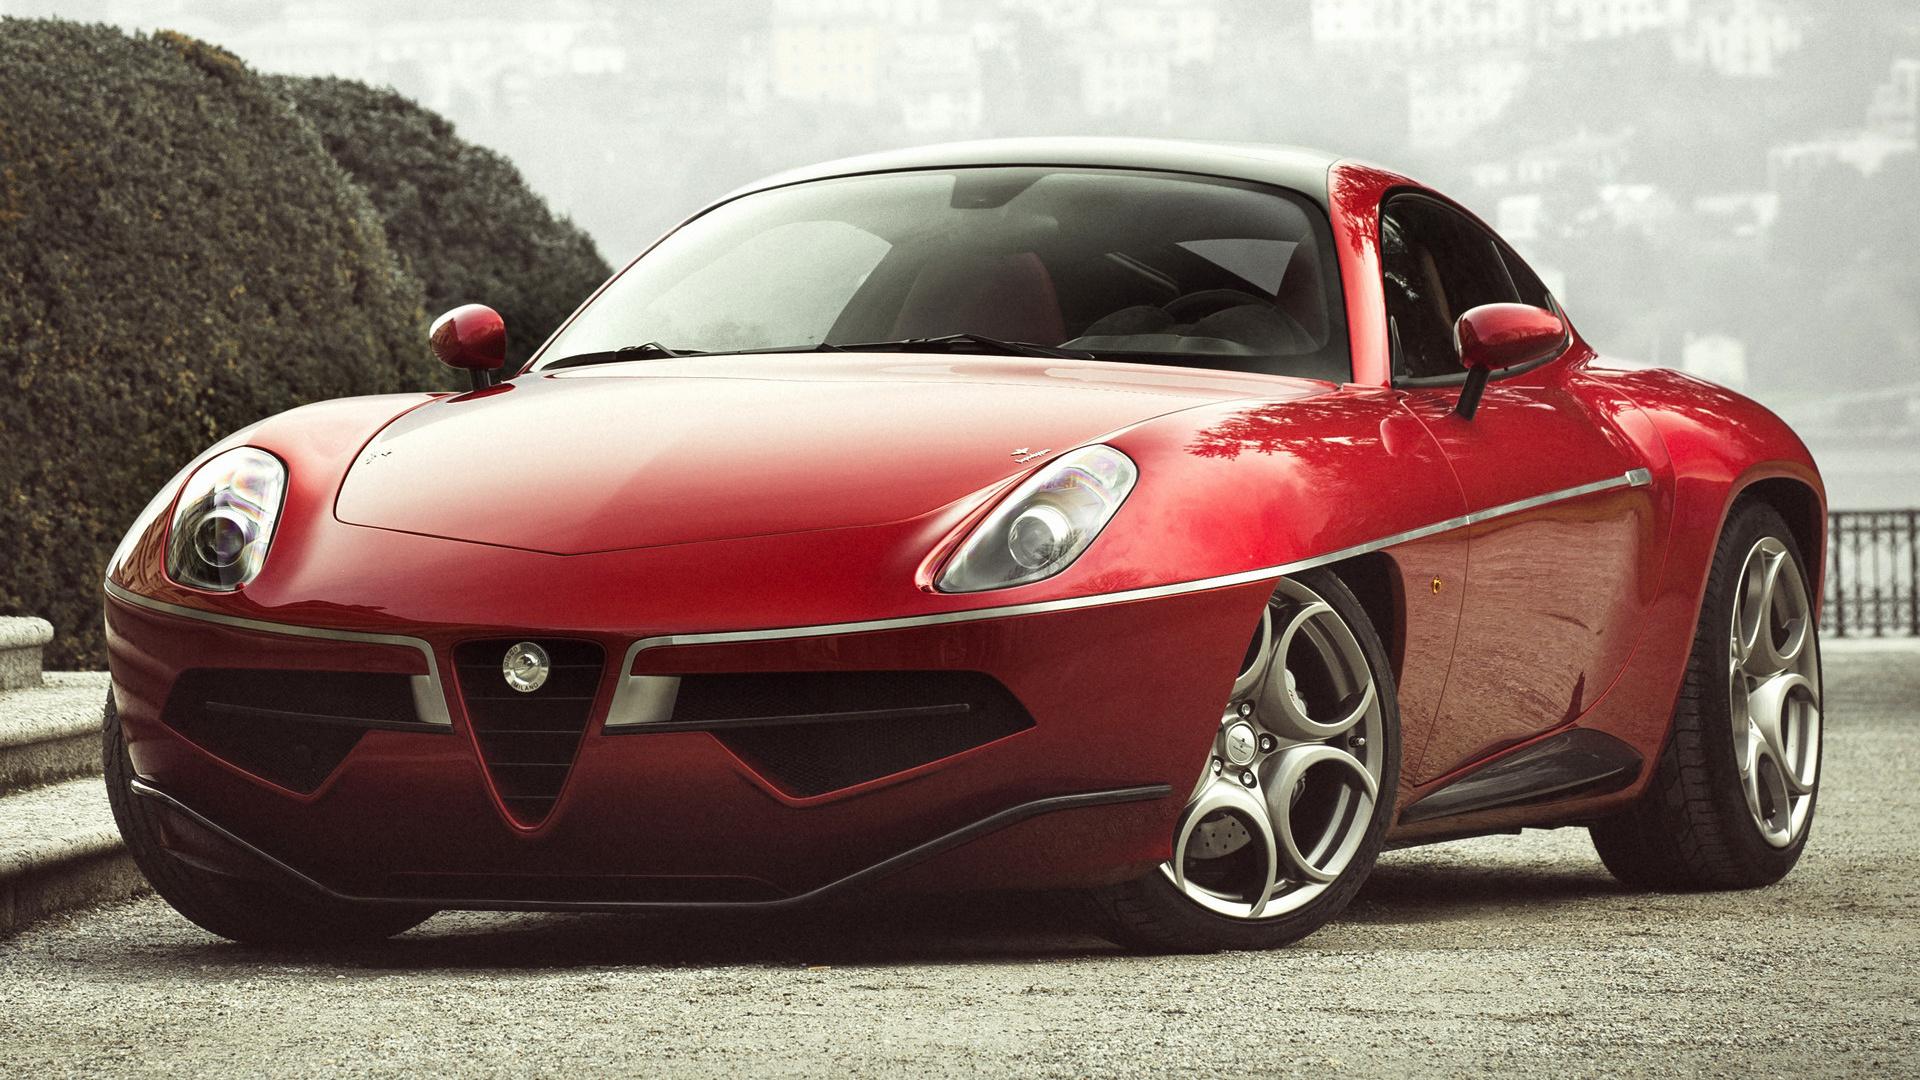 Alfa Romeo Disco Volante Wallpaper Hd